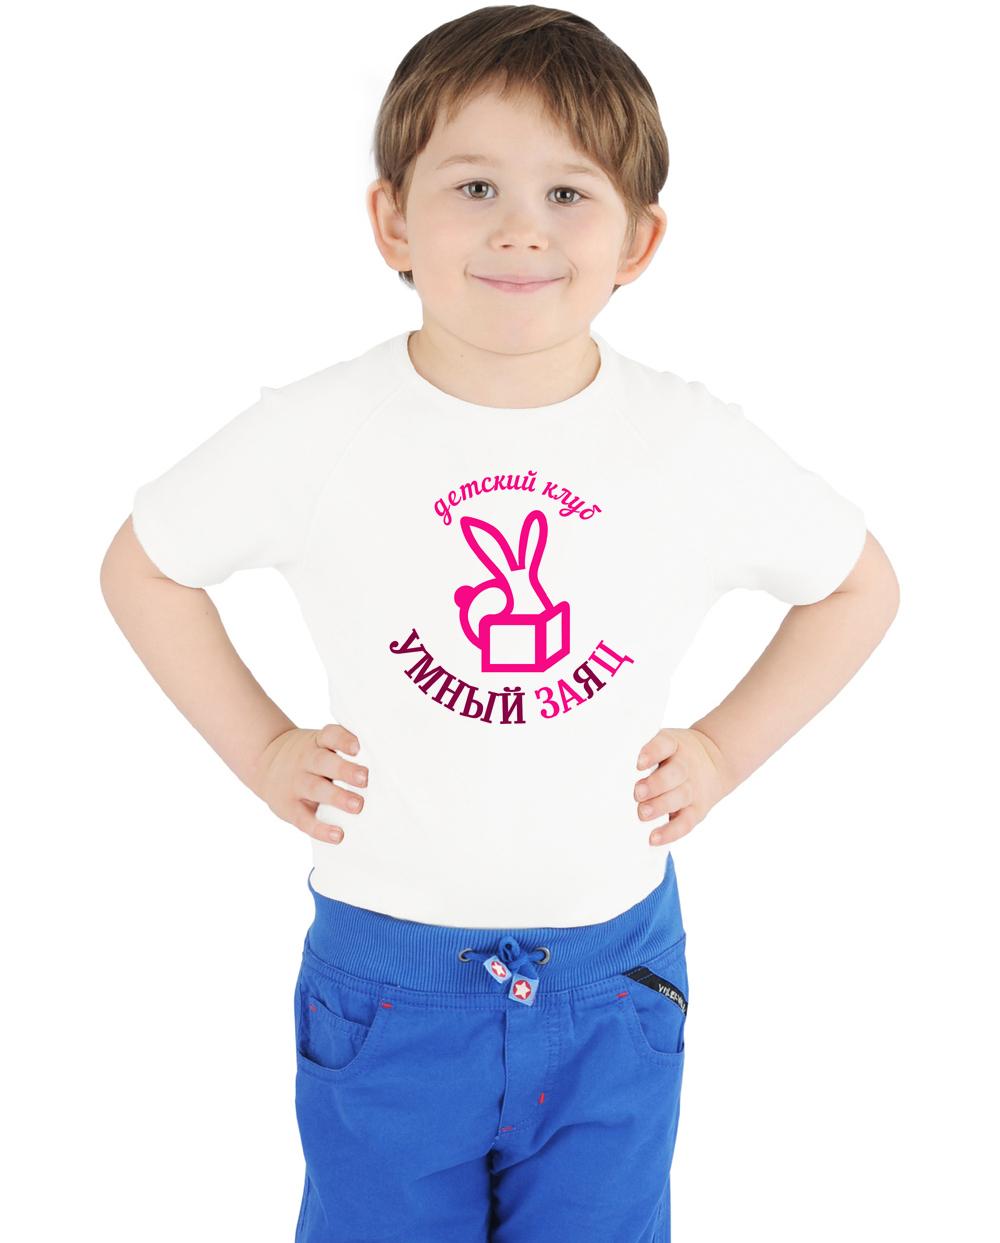 Разработать логотип и фирменный стиль детского клуба фото f_1385561008491edc.jpg